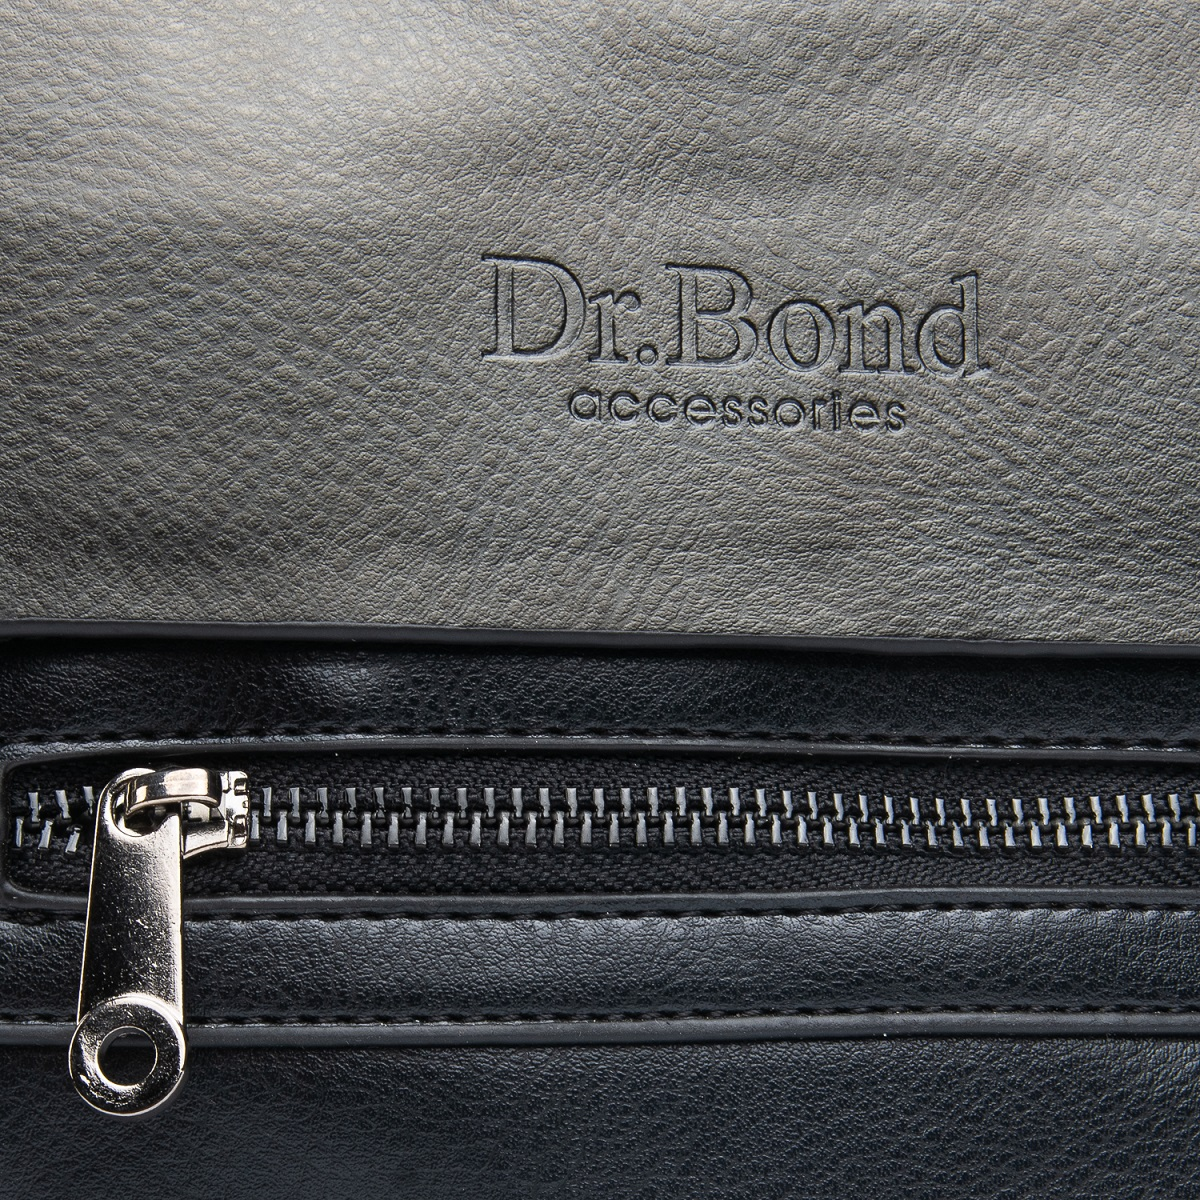 Сумка Мужская Планшет иск-кожа DR. BOND GL 317-1 black - фото 3